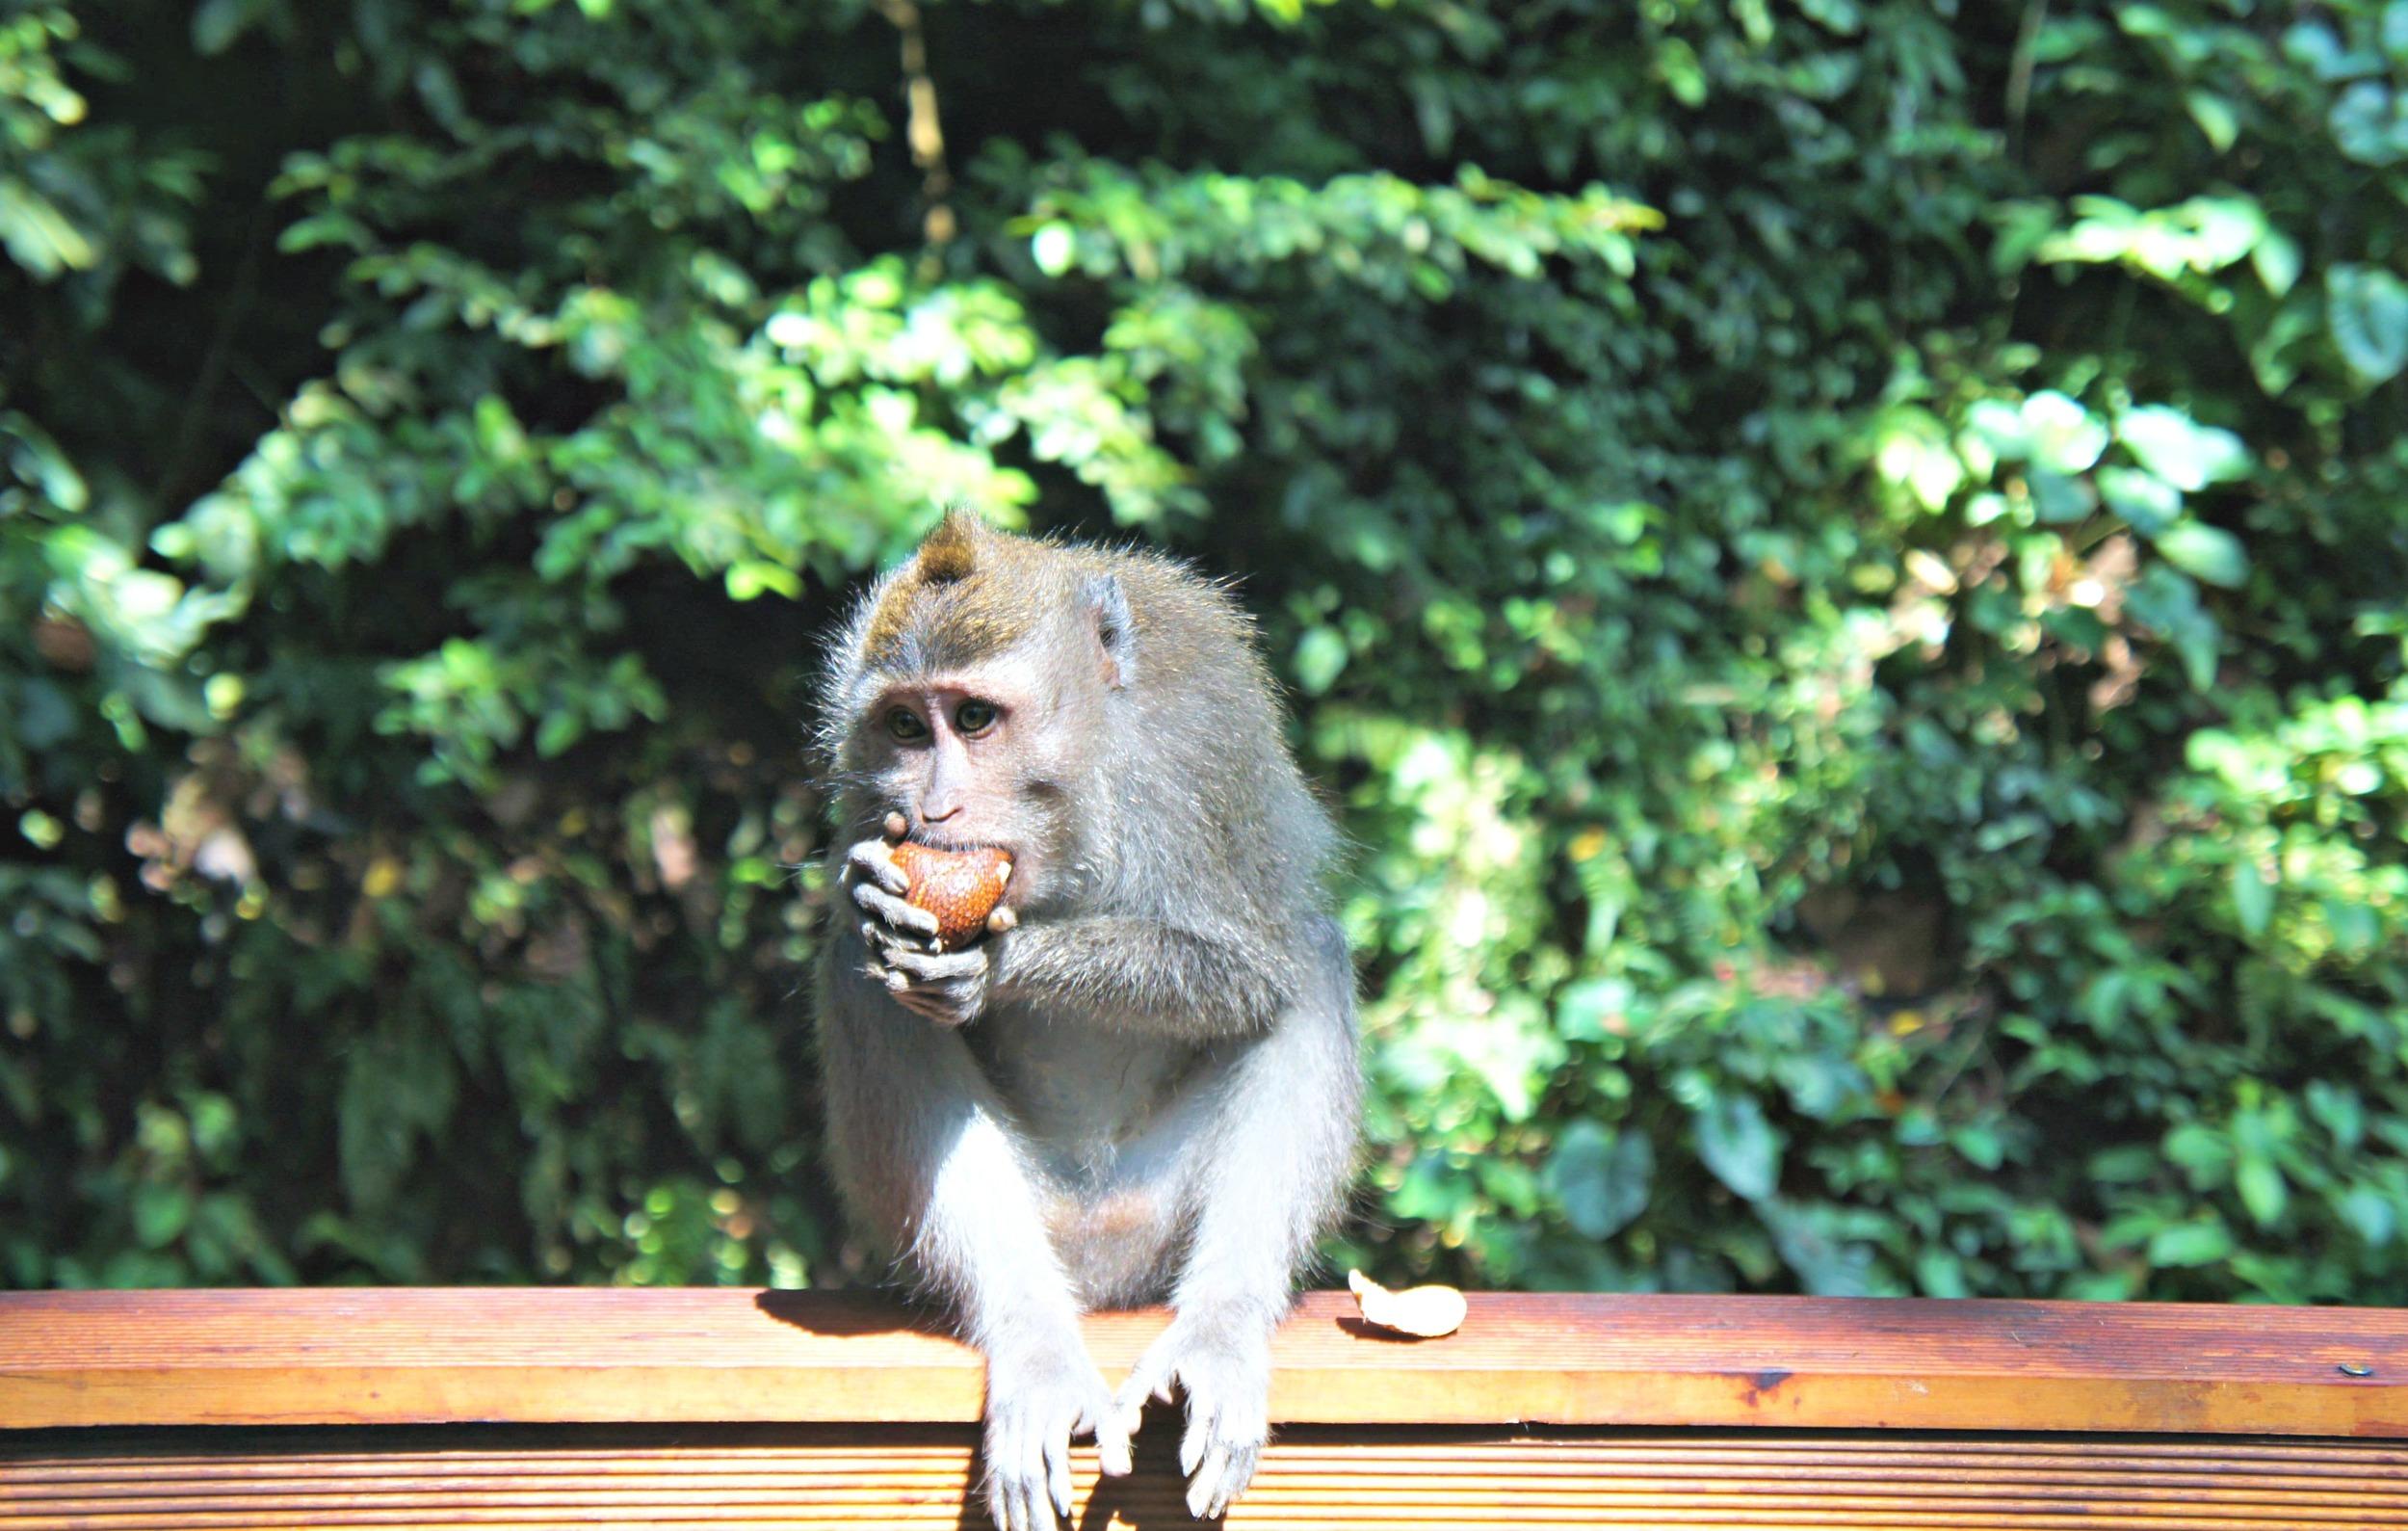 Monkey Forest Monkey Eating